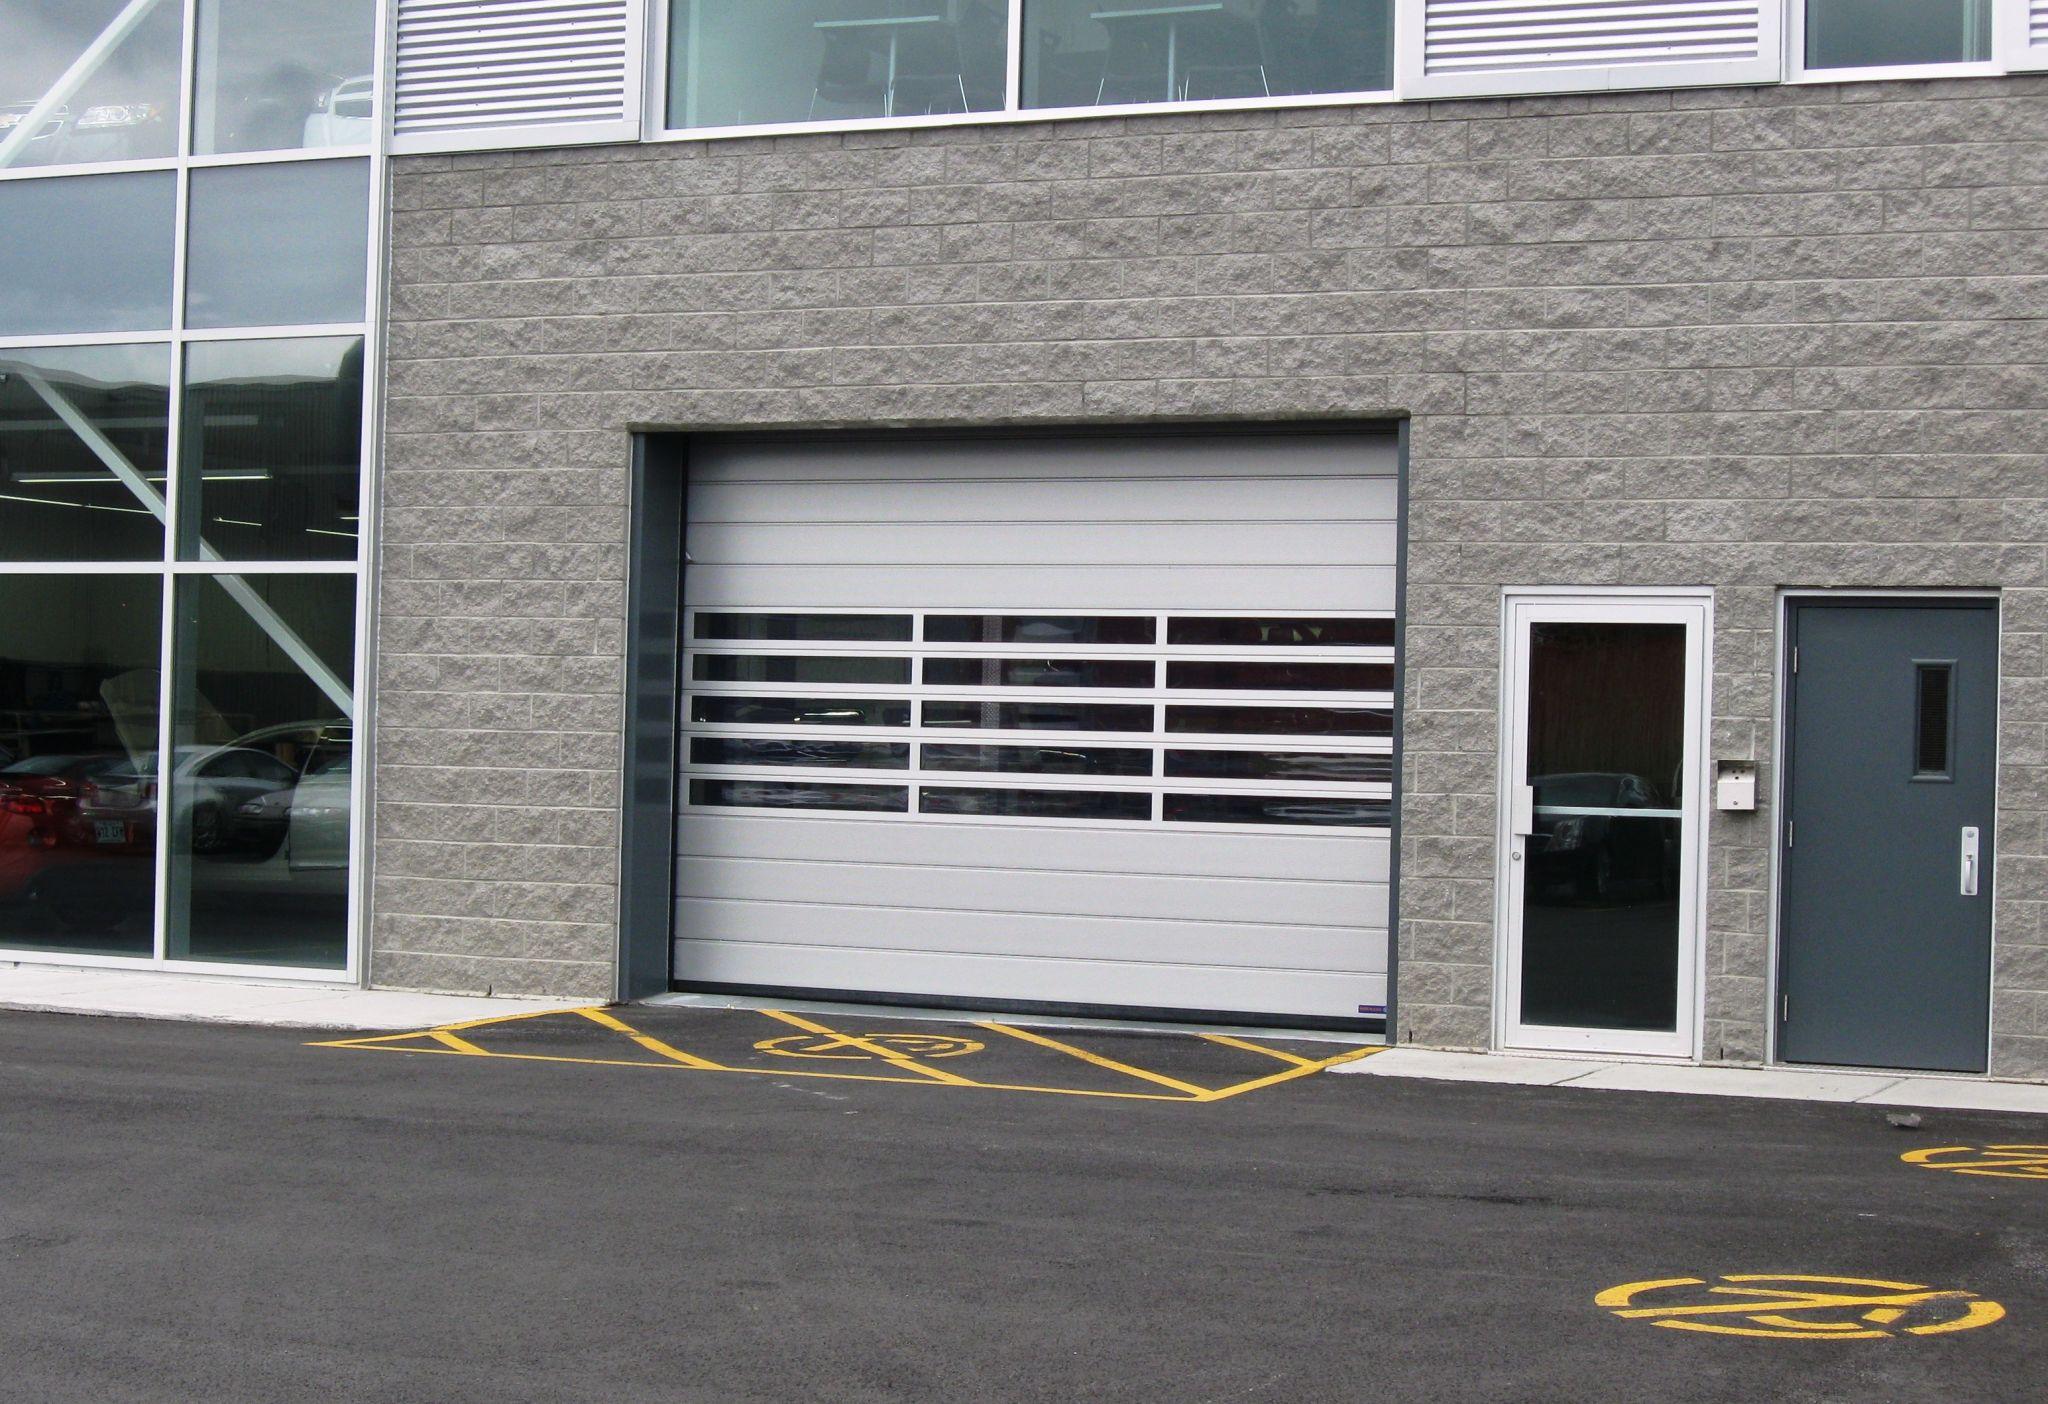 1404 #76684E Garage Door Parts: Garage Door Parts Omaha image Usa Garage Doors 36132048